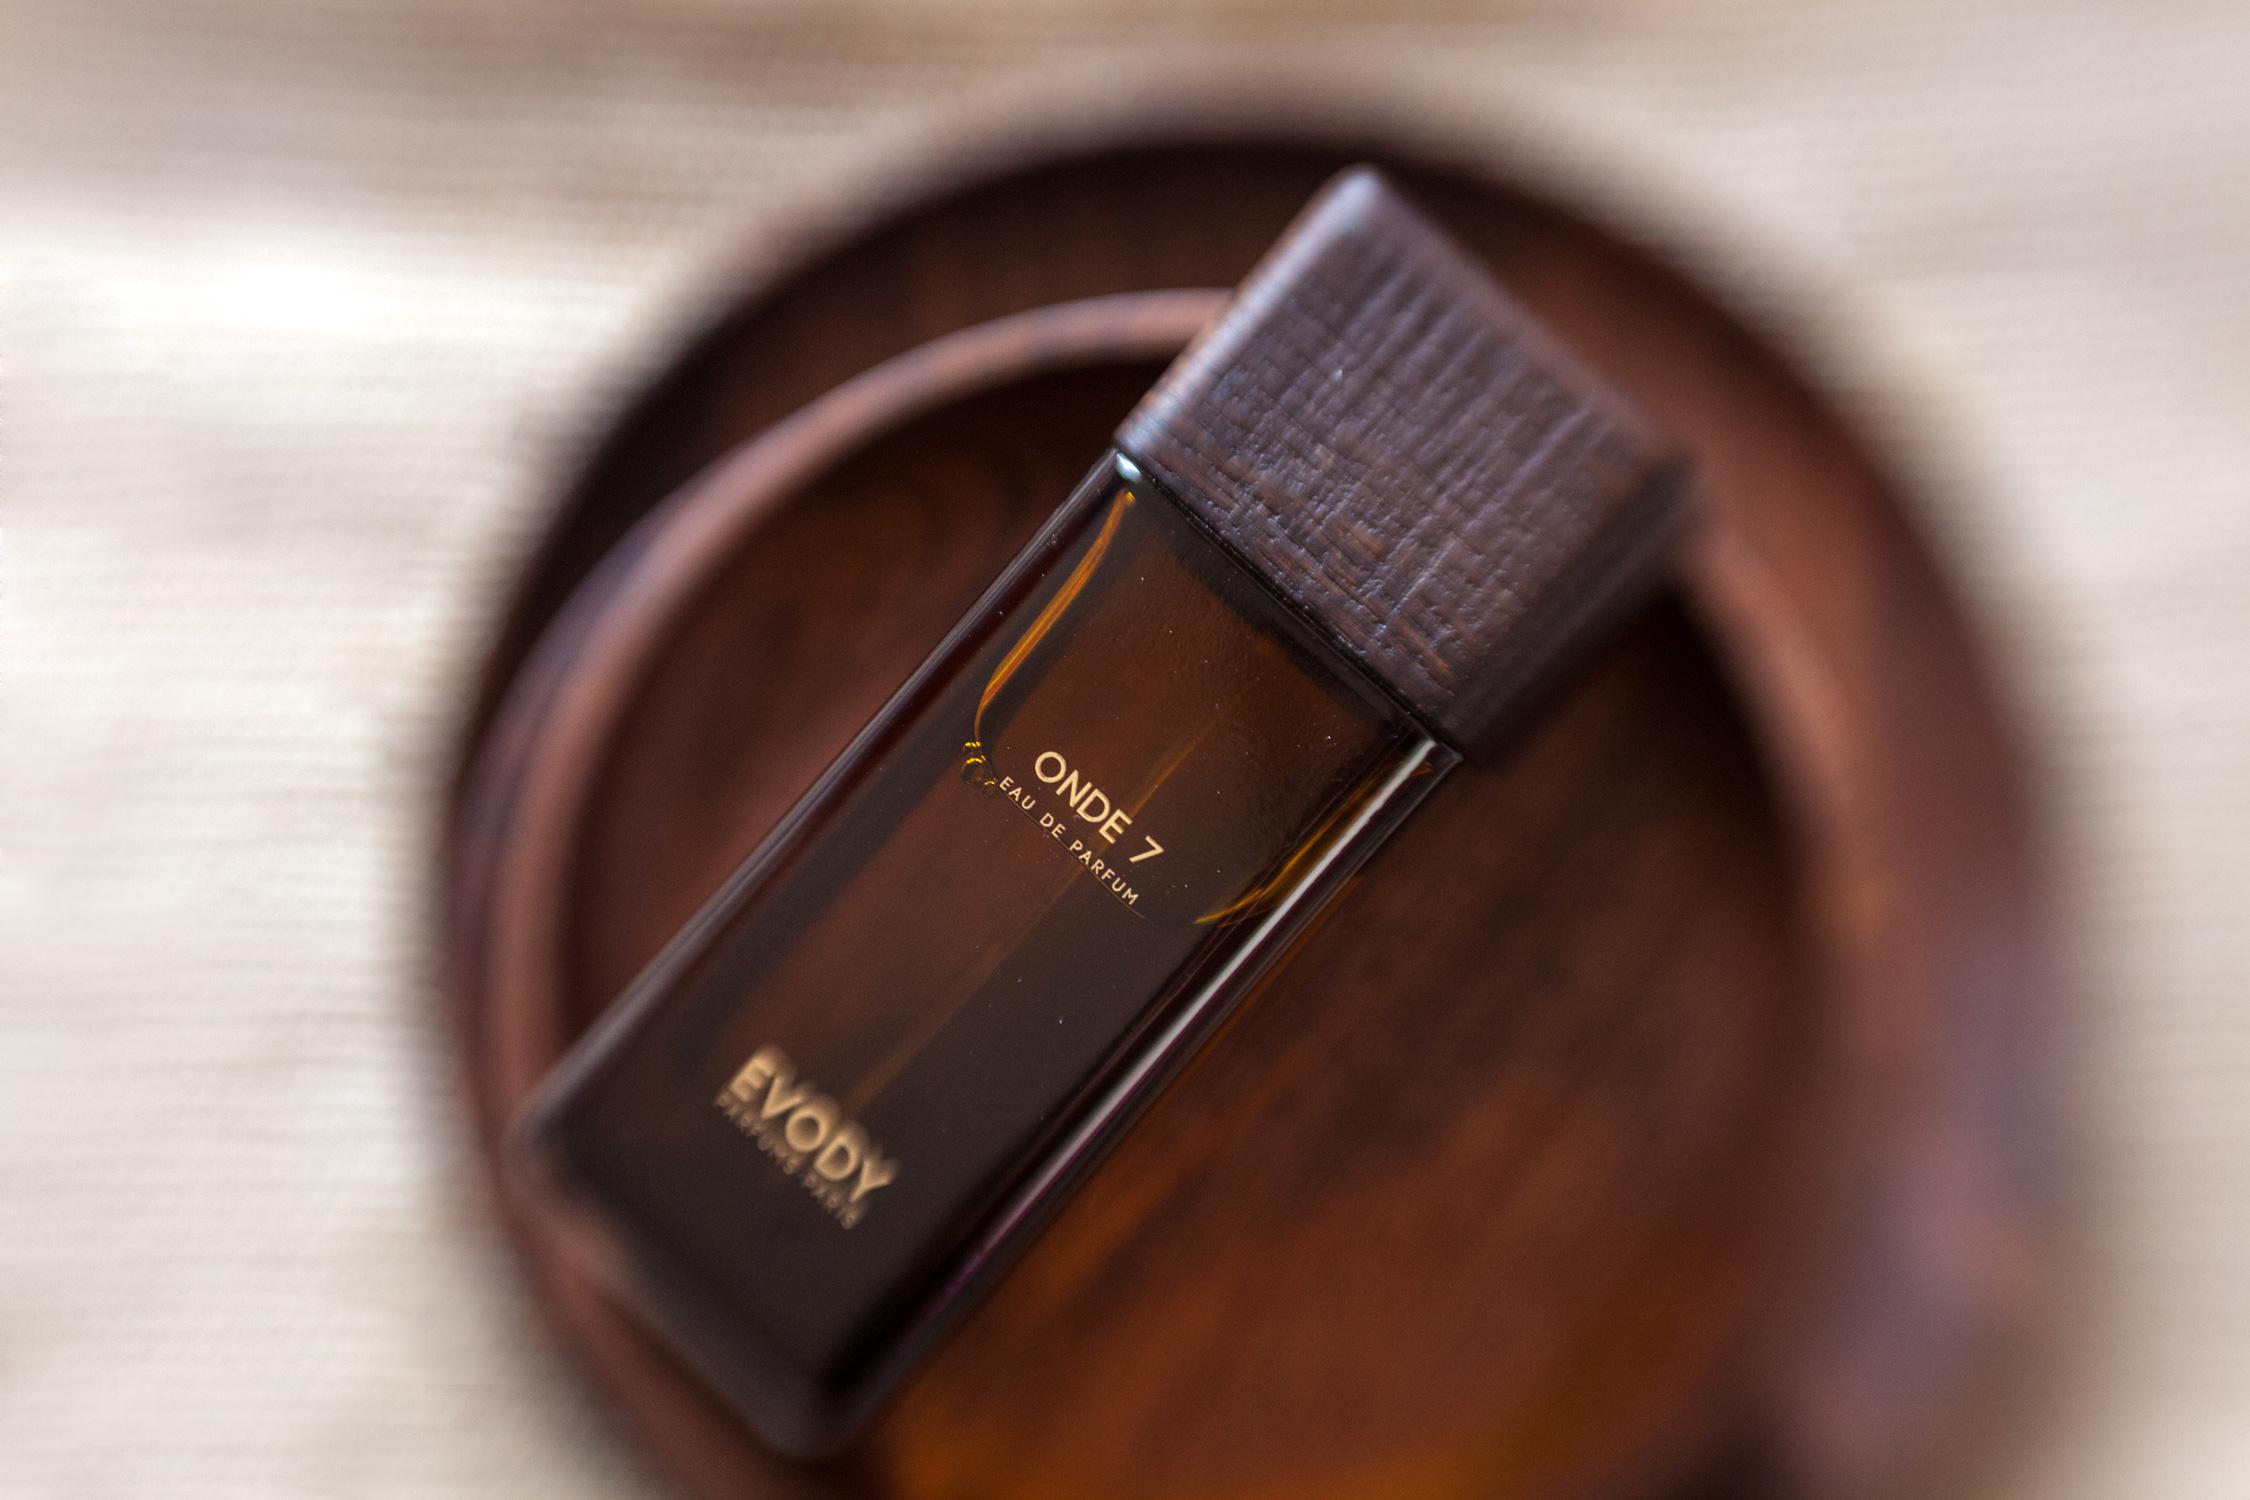 delices-mag-evody-onde7-parfum-niche-voyages-MG_6239-2